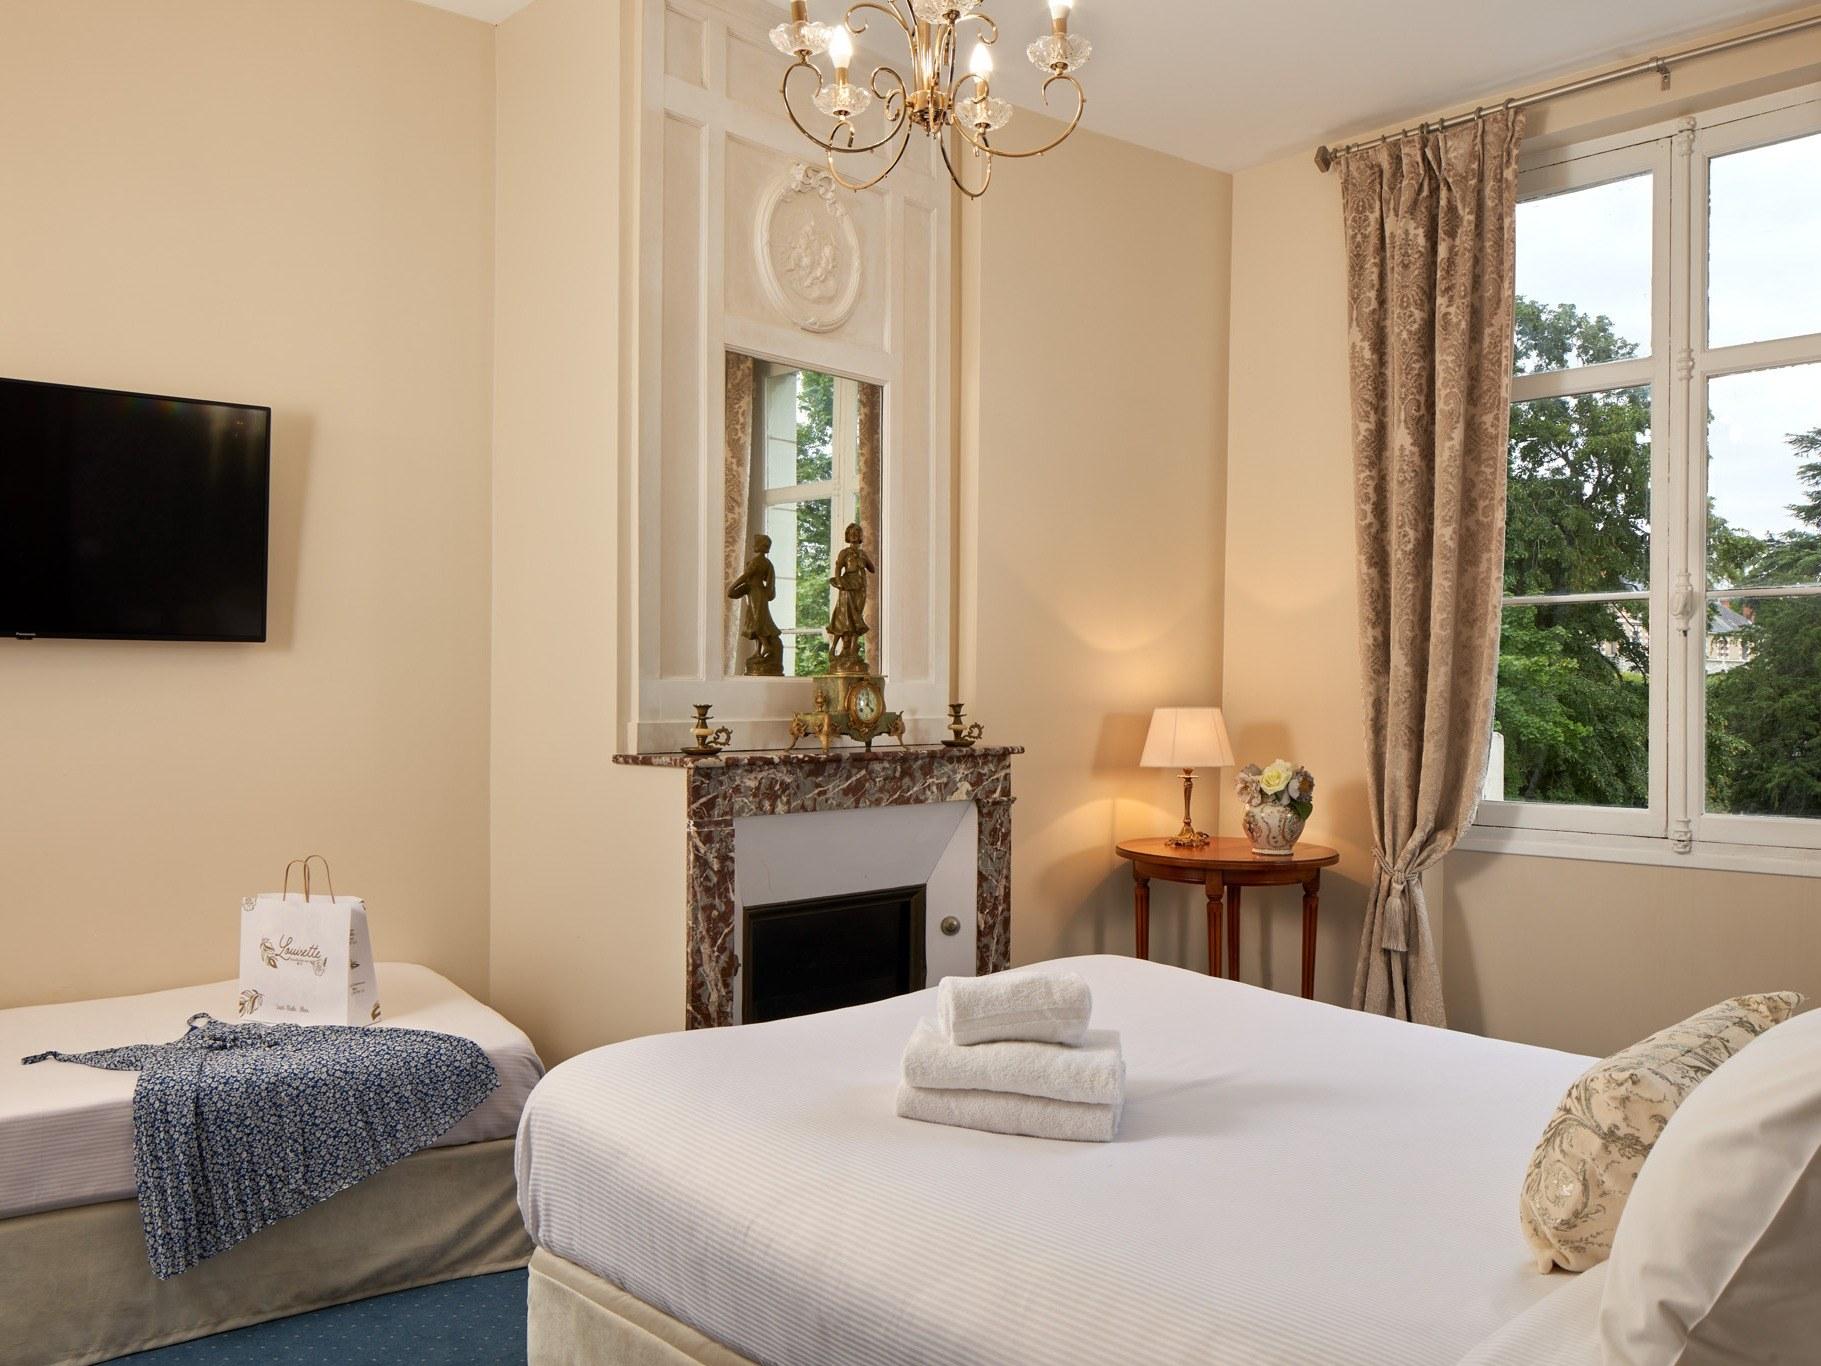 Hotel-Blois-chambre-triple-3-personnes